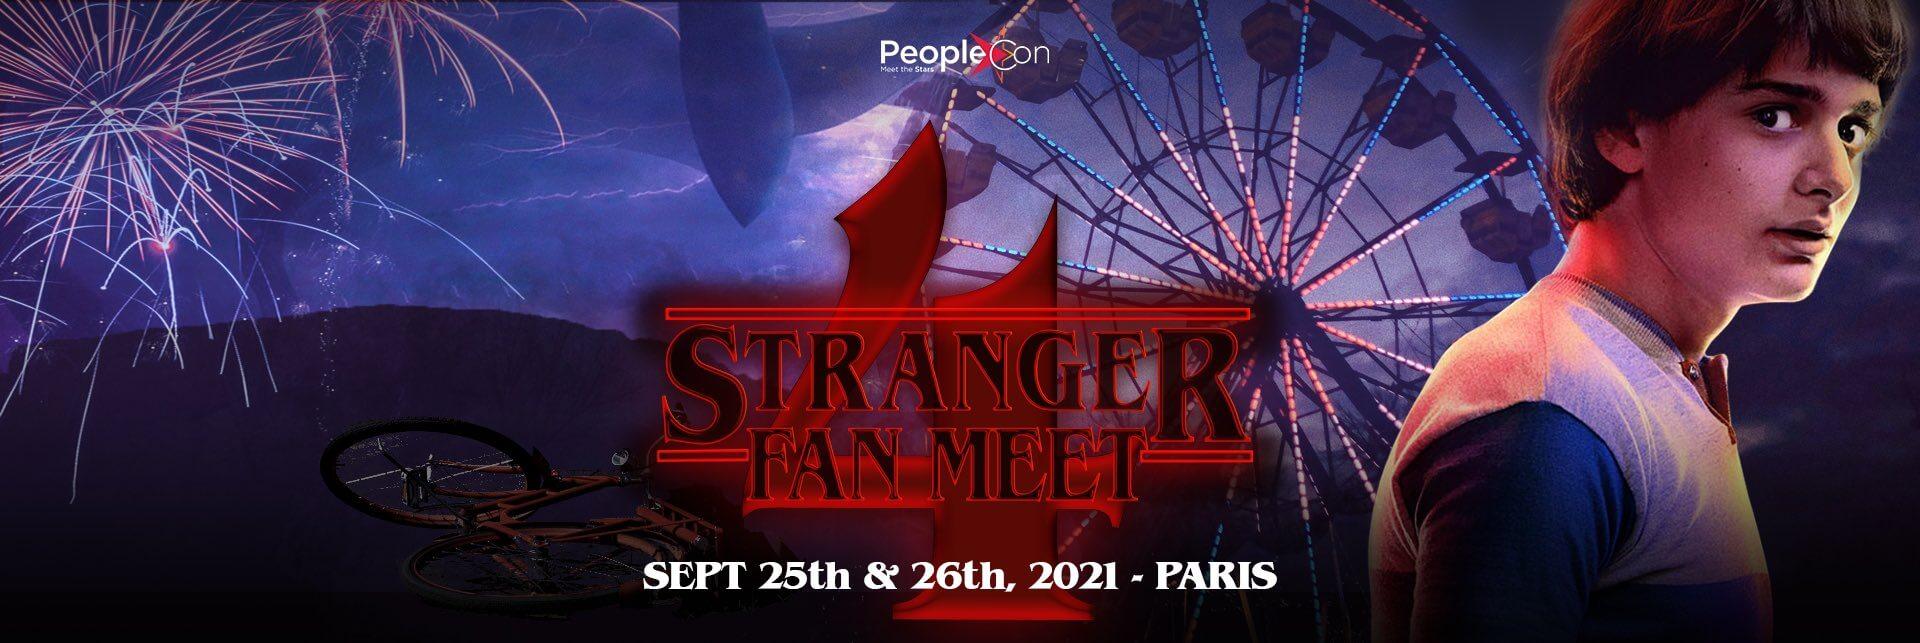 Stranger Fanmeet 4